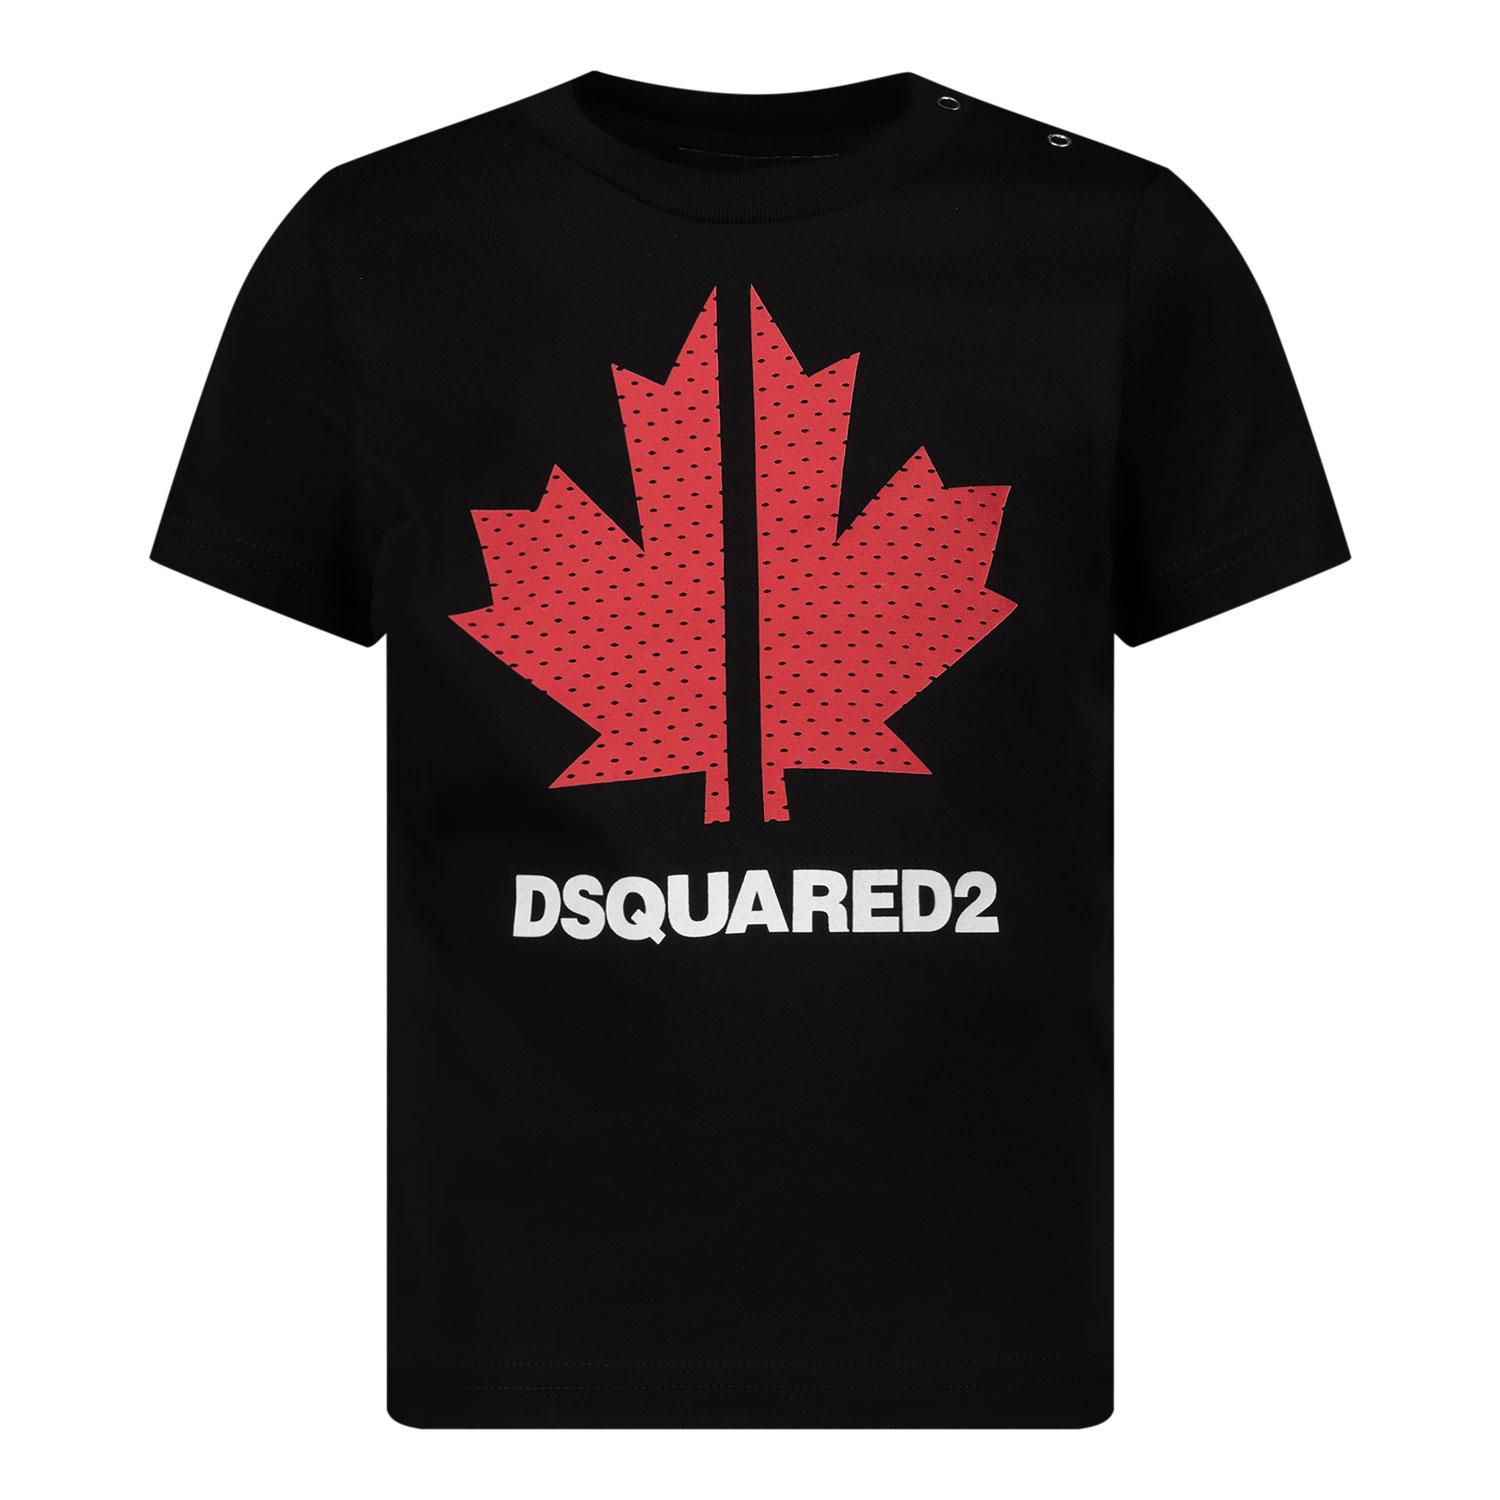 Afbeelding van Dsquared2 DQ0029 baby t-shirt zwart